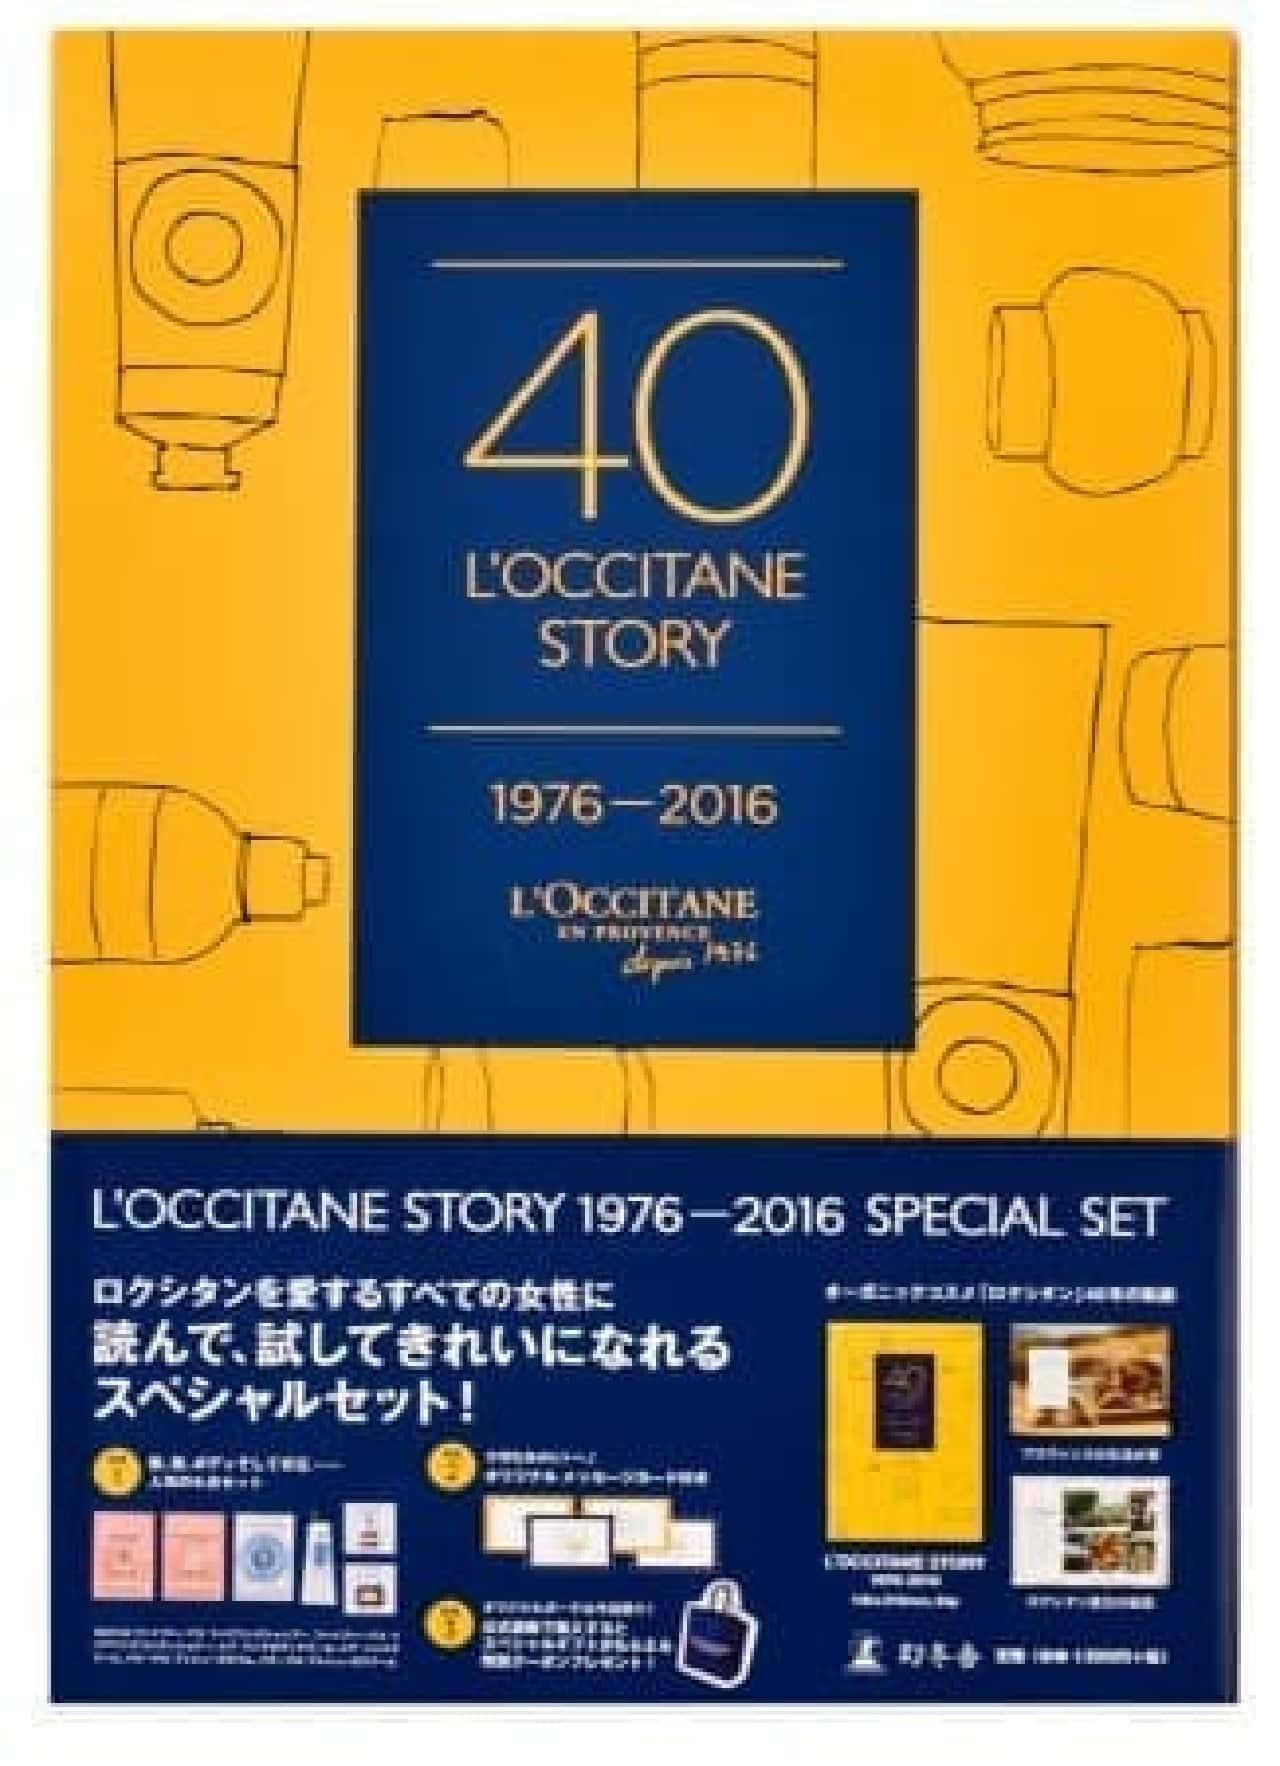 ロクシタンのブランドBOOK「L'OCCITANE STORY 1976-2016」